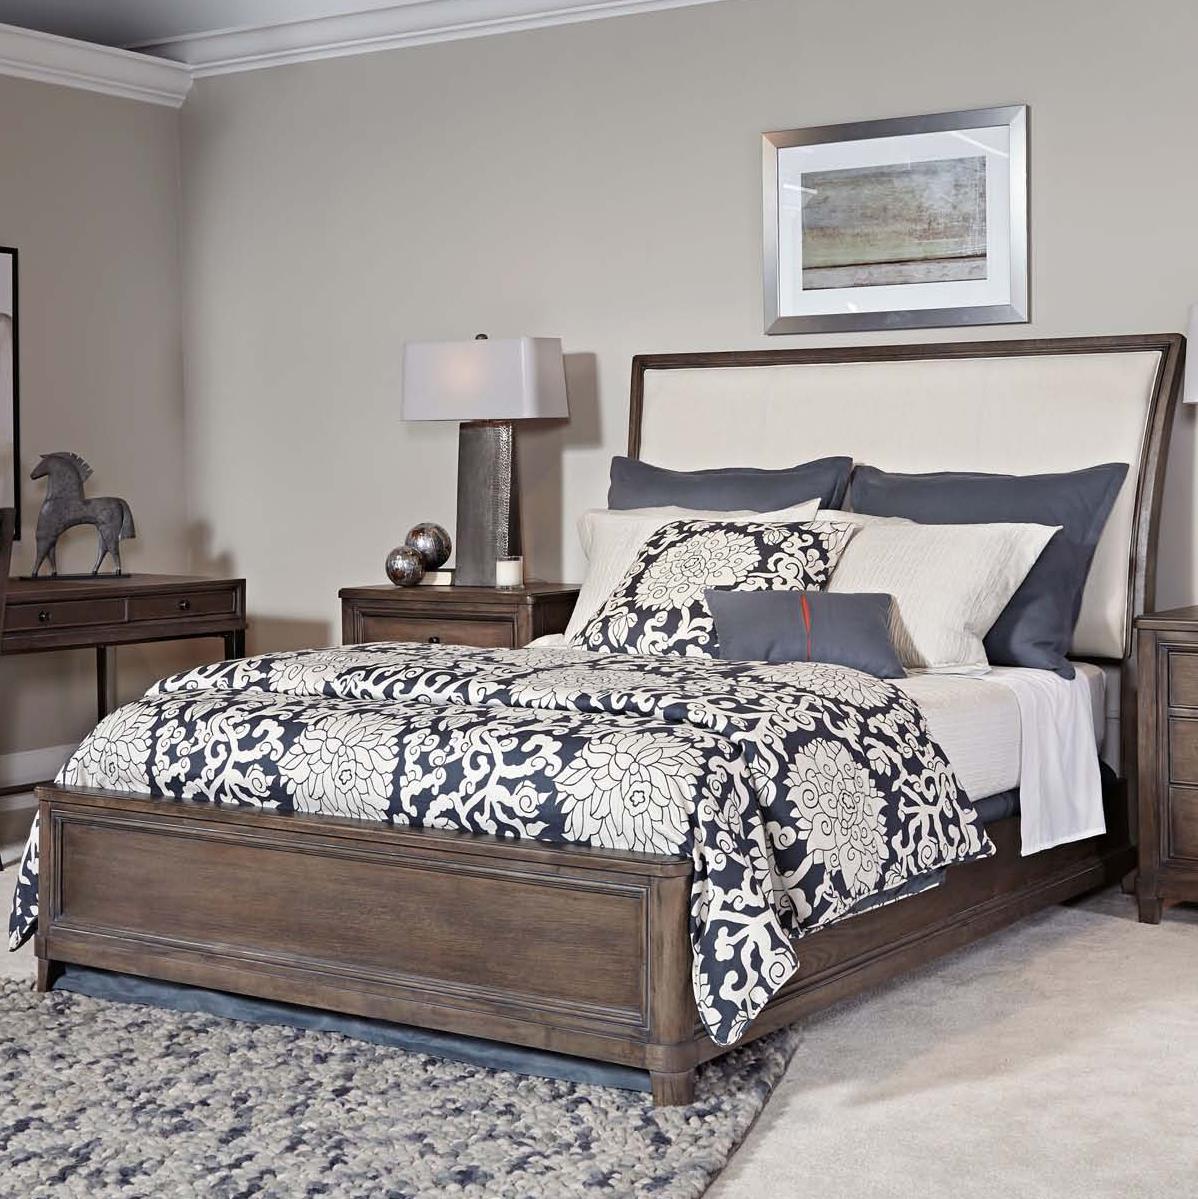 American Drew Park Studio King Sleigh Bed - Item Number: 488-306R